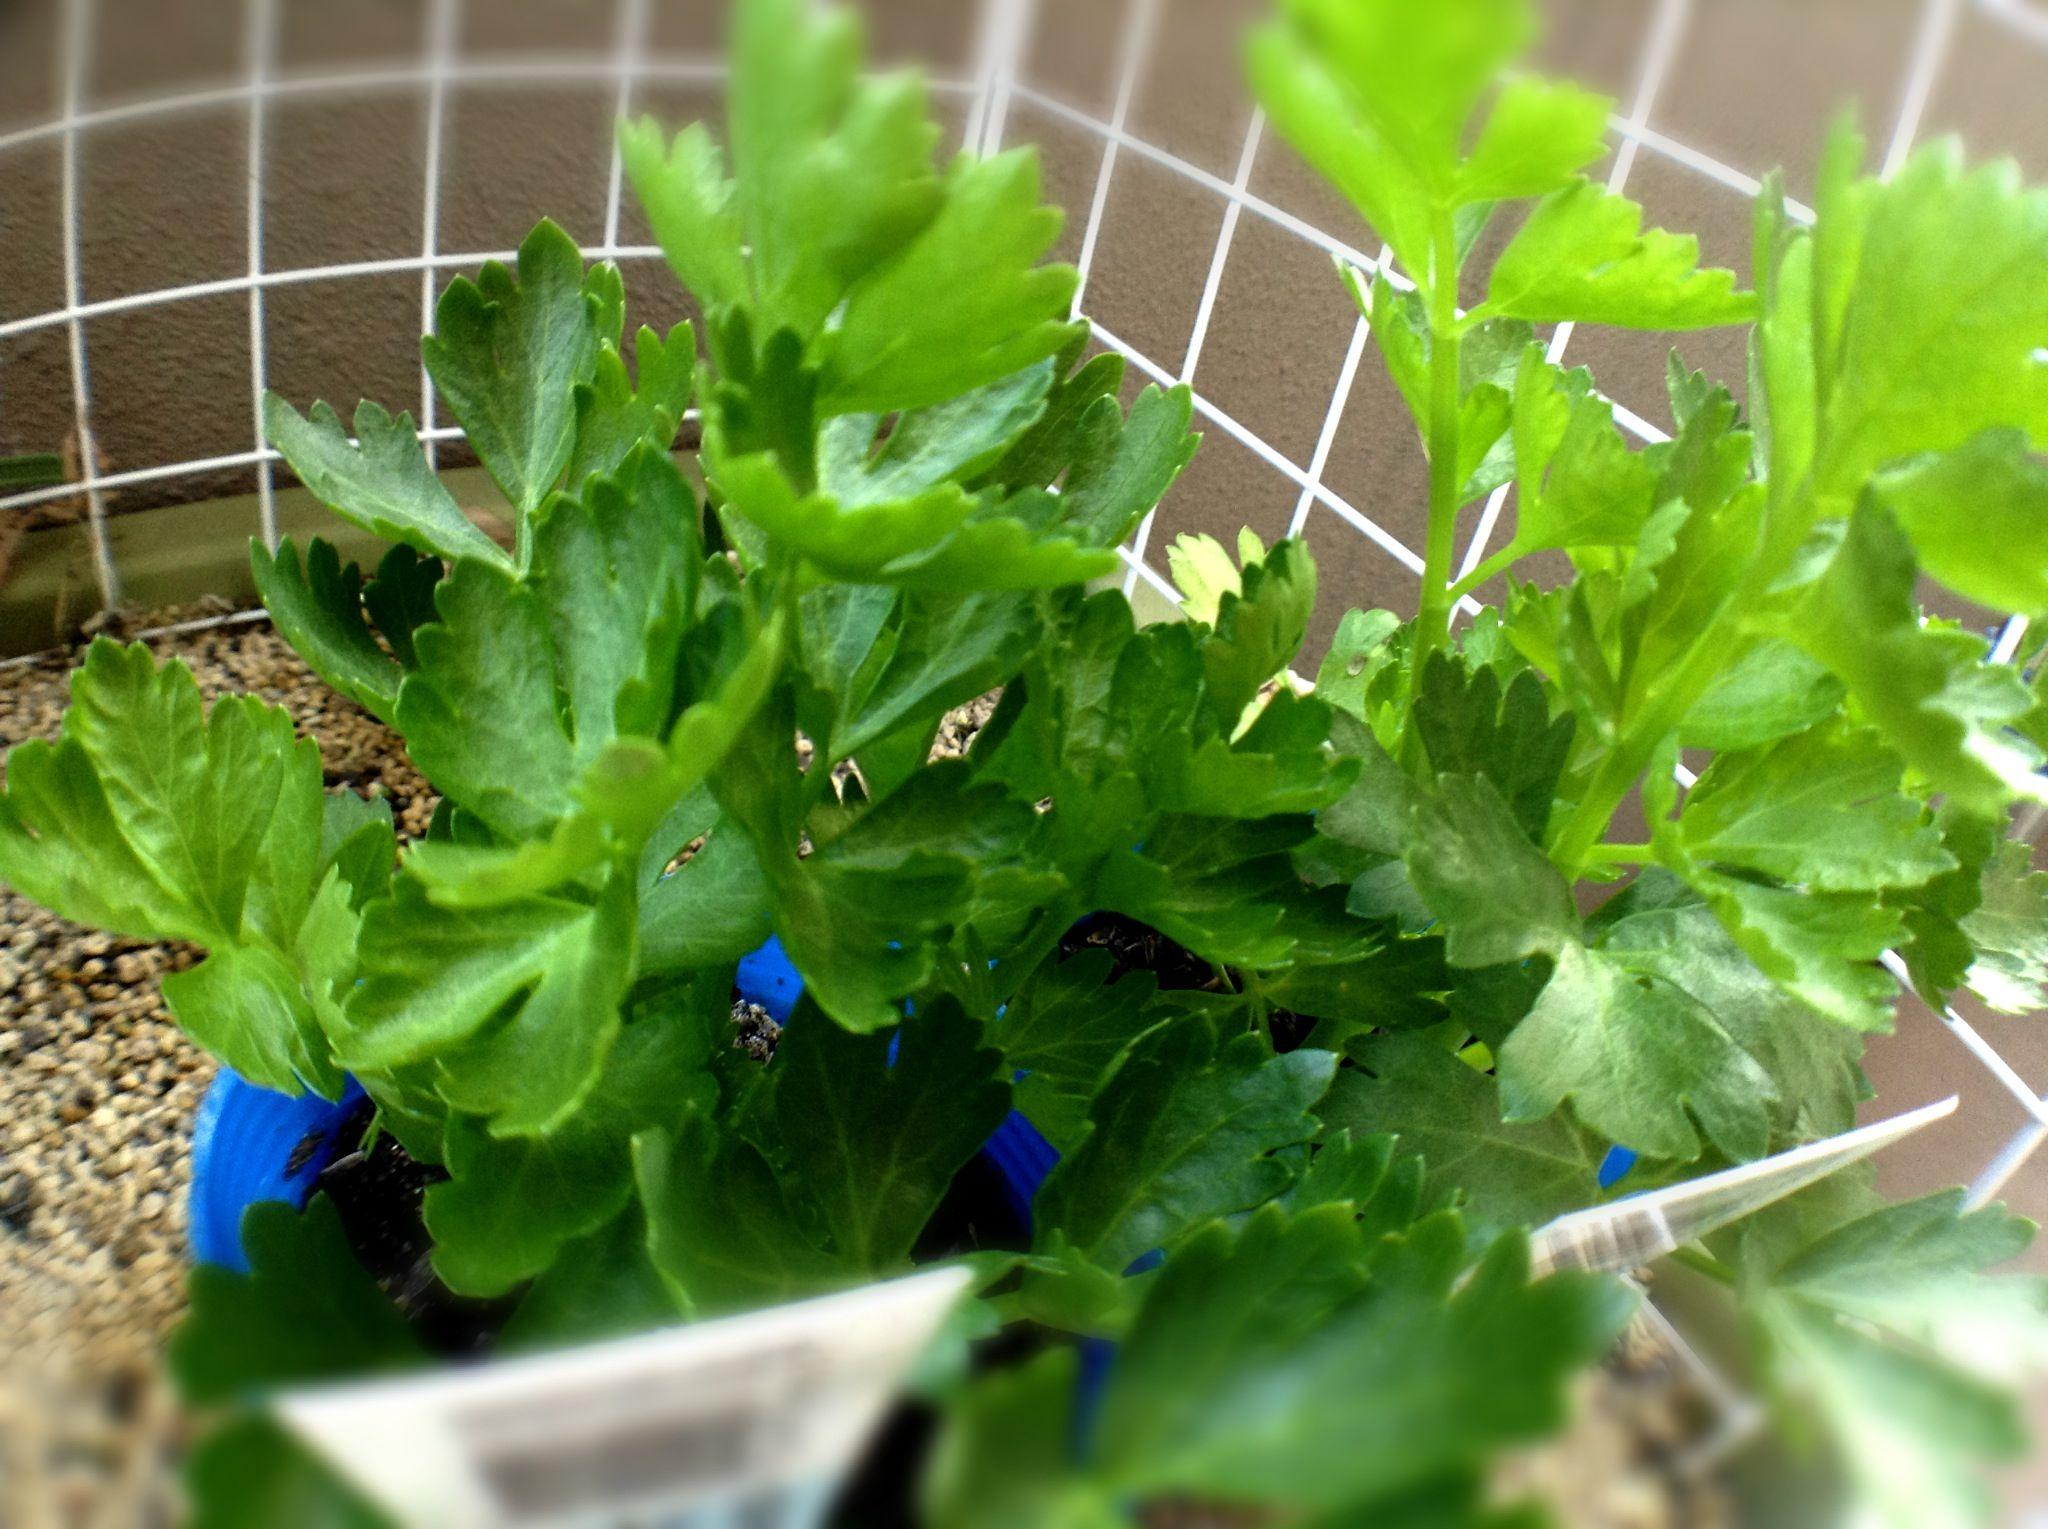 おはようございます。 セルリーの苗を買いました。 難しそうですが、うまく育つかな? 今日も元気に楽しく♪